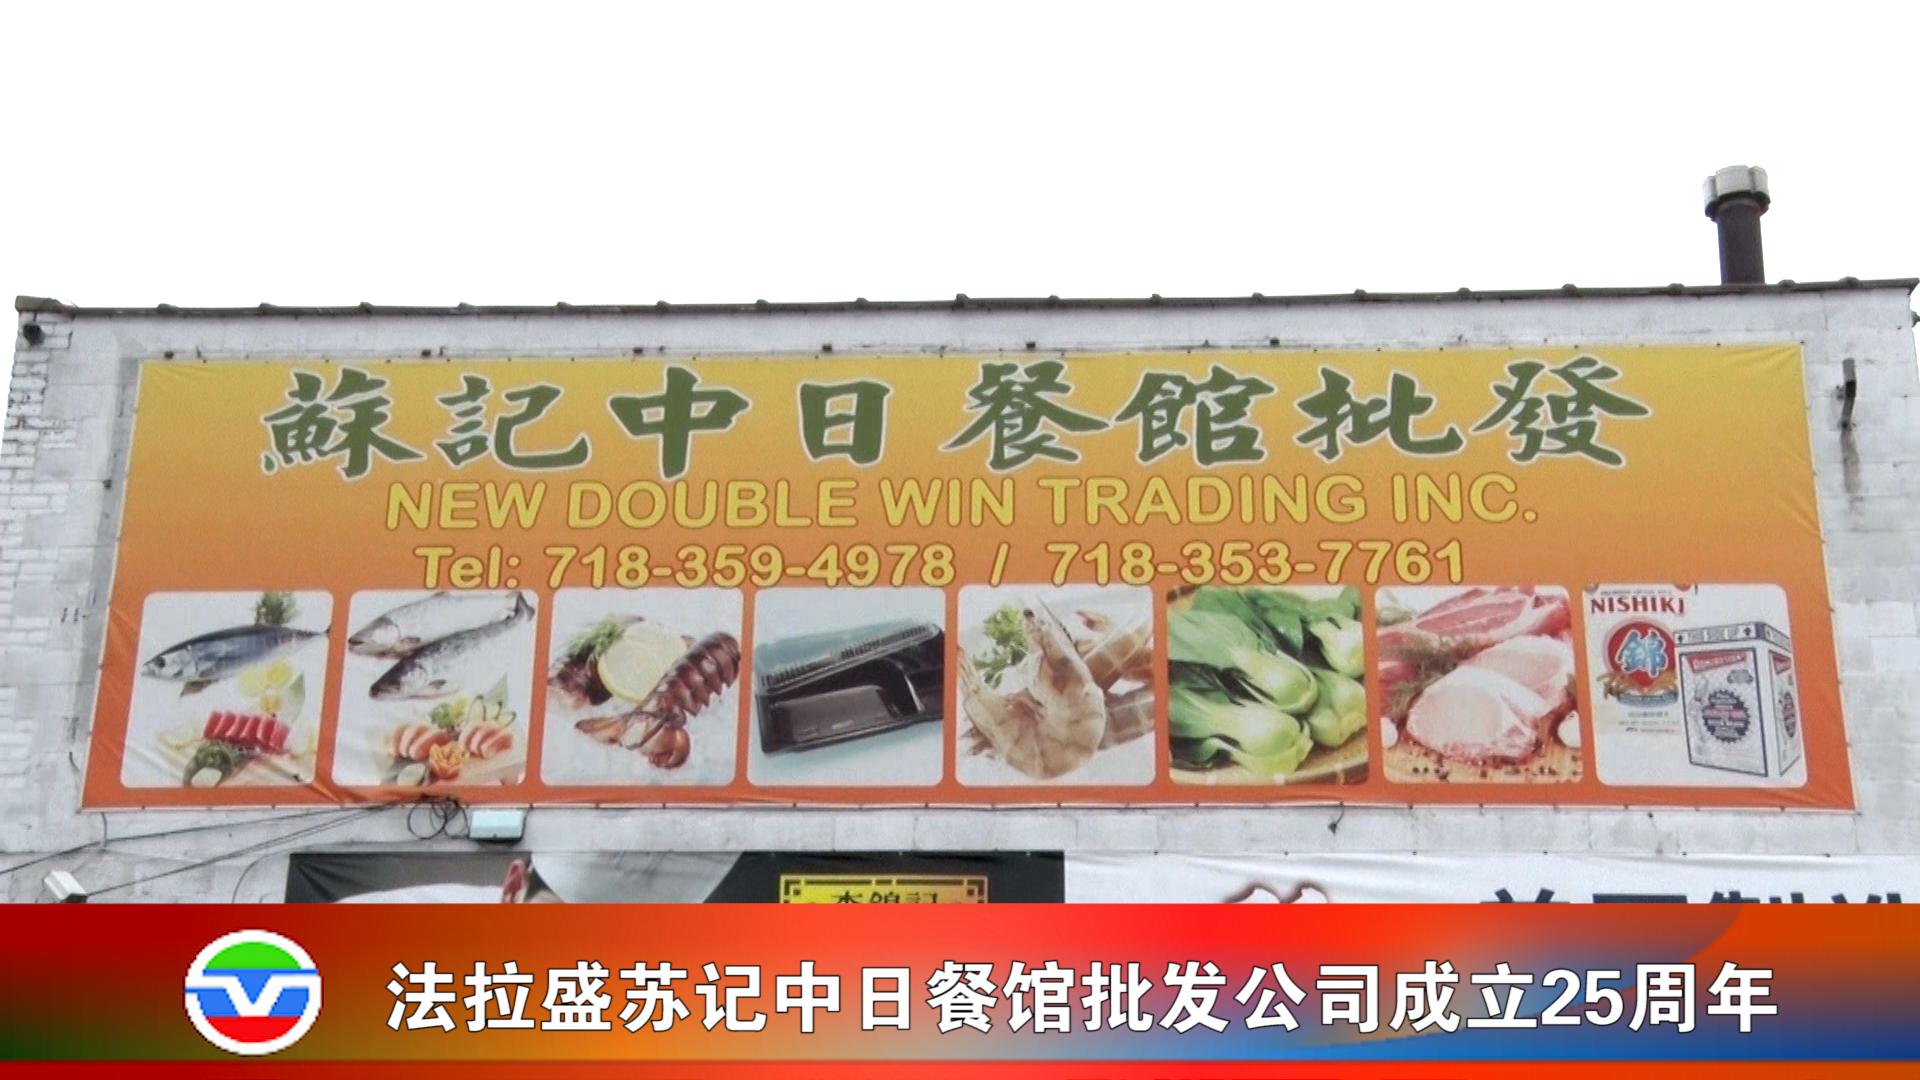 【视频】苏记中日餐馆批发公司成立25周年